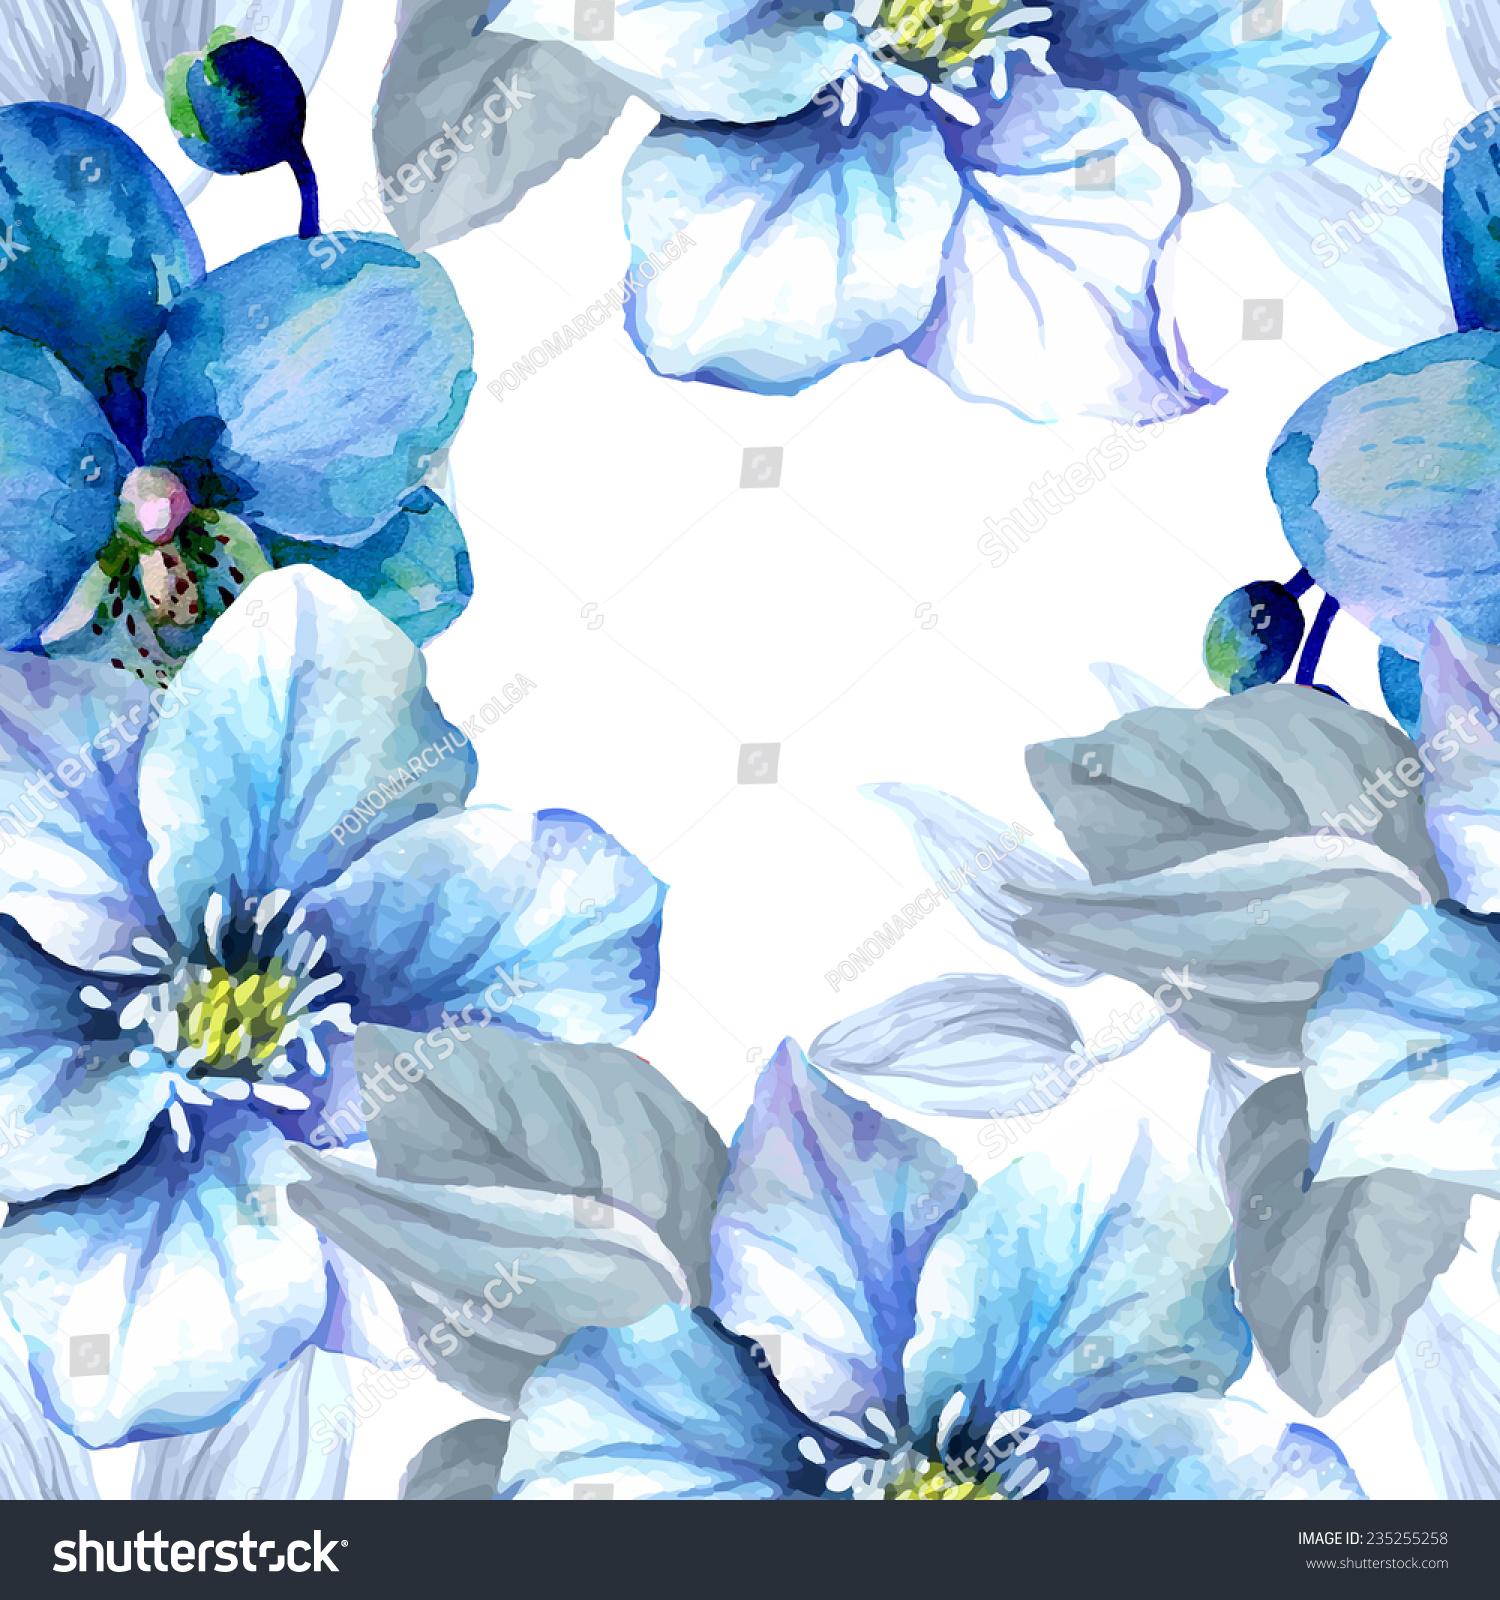 水彩无缝模式与蓝色的花朵.-背景/素材,艺术-海洛创意